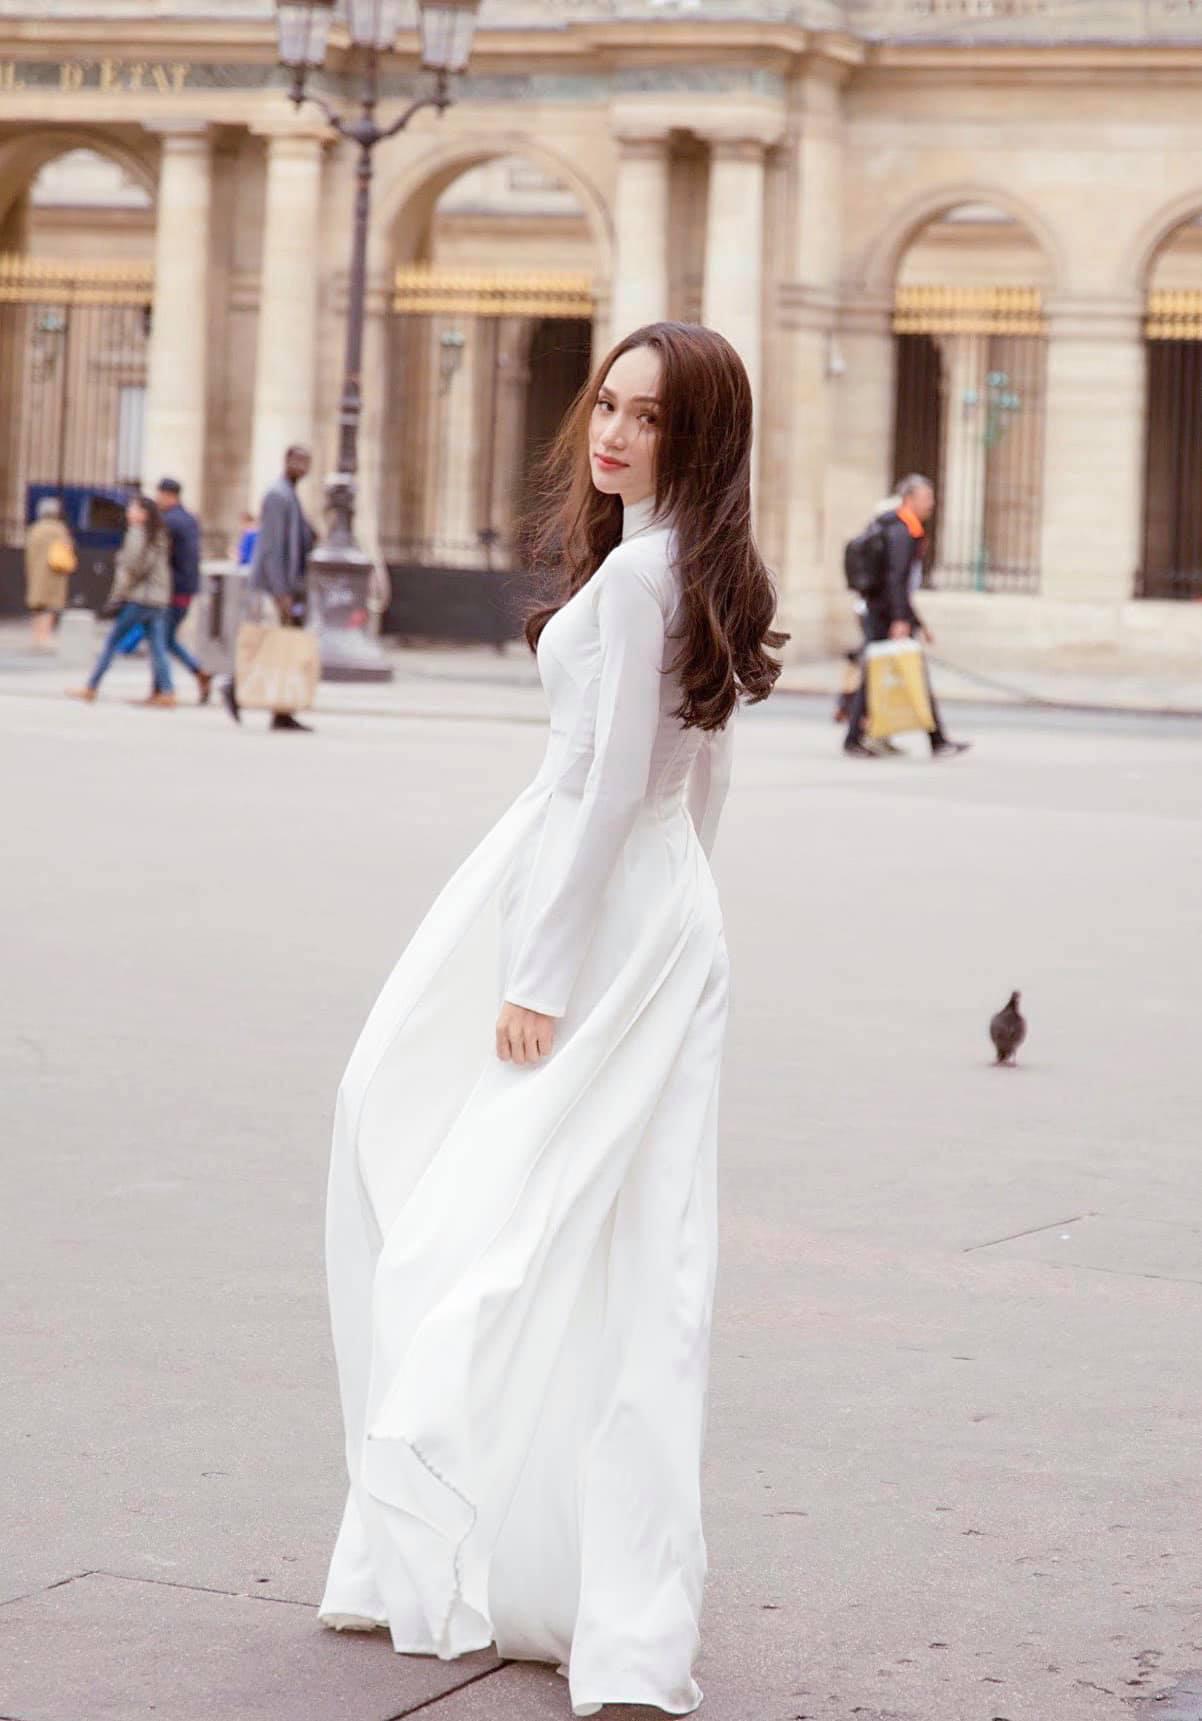 """Hương Giang mặc áo dài trắng tinh đẹp tựa nữ thần ở Pháp, """"thả thính"""" gây """"bão"""" mạng - Ảnh 3."""